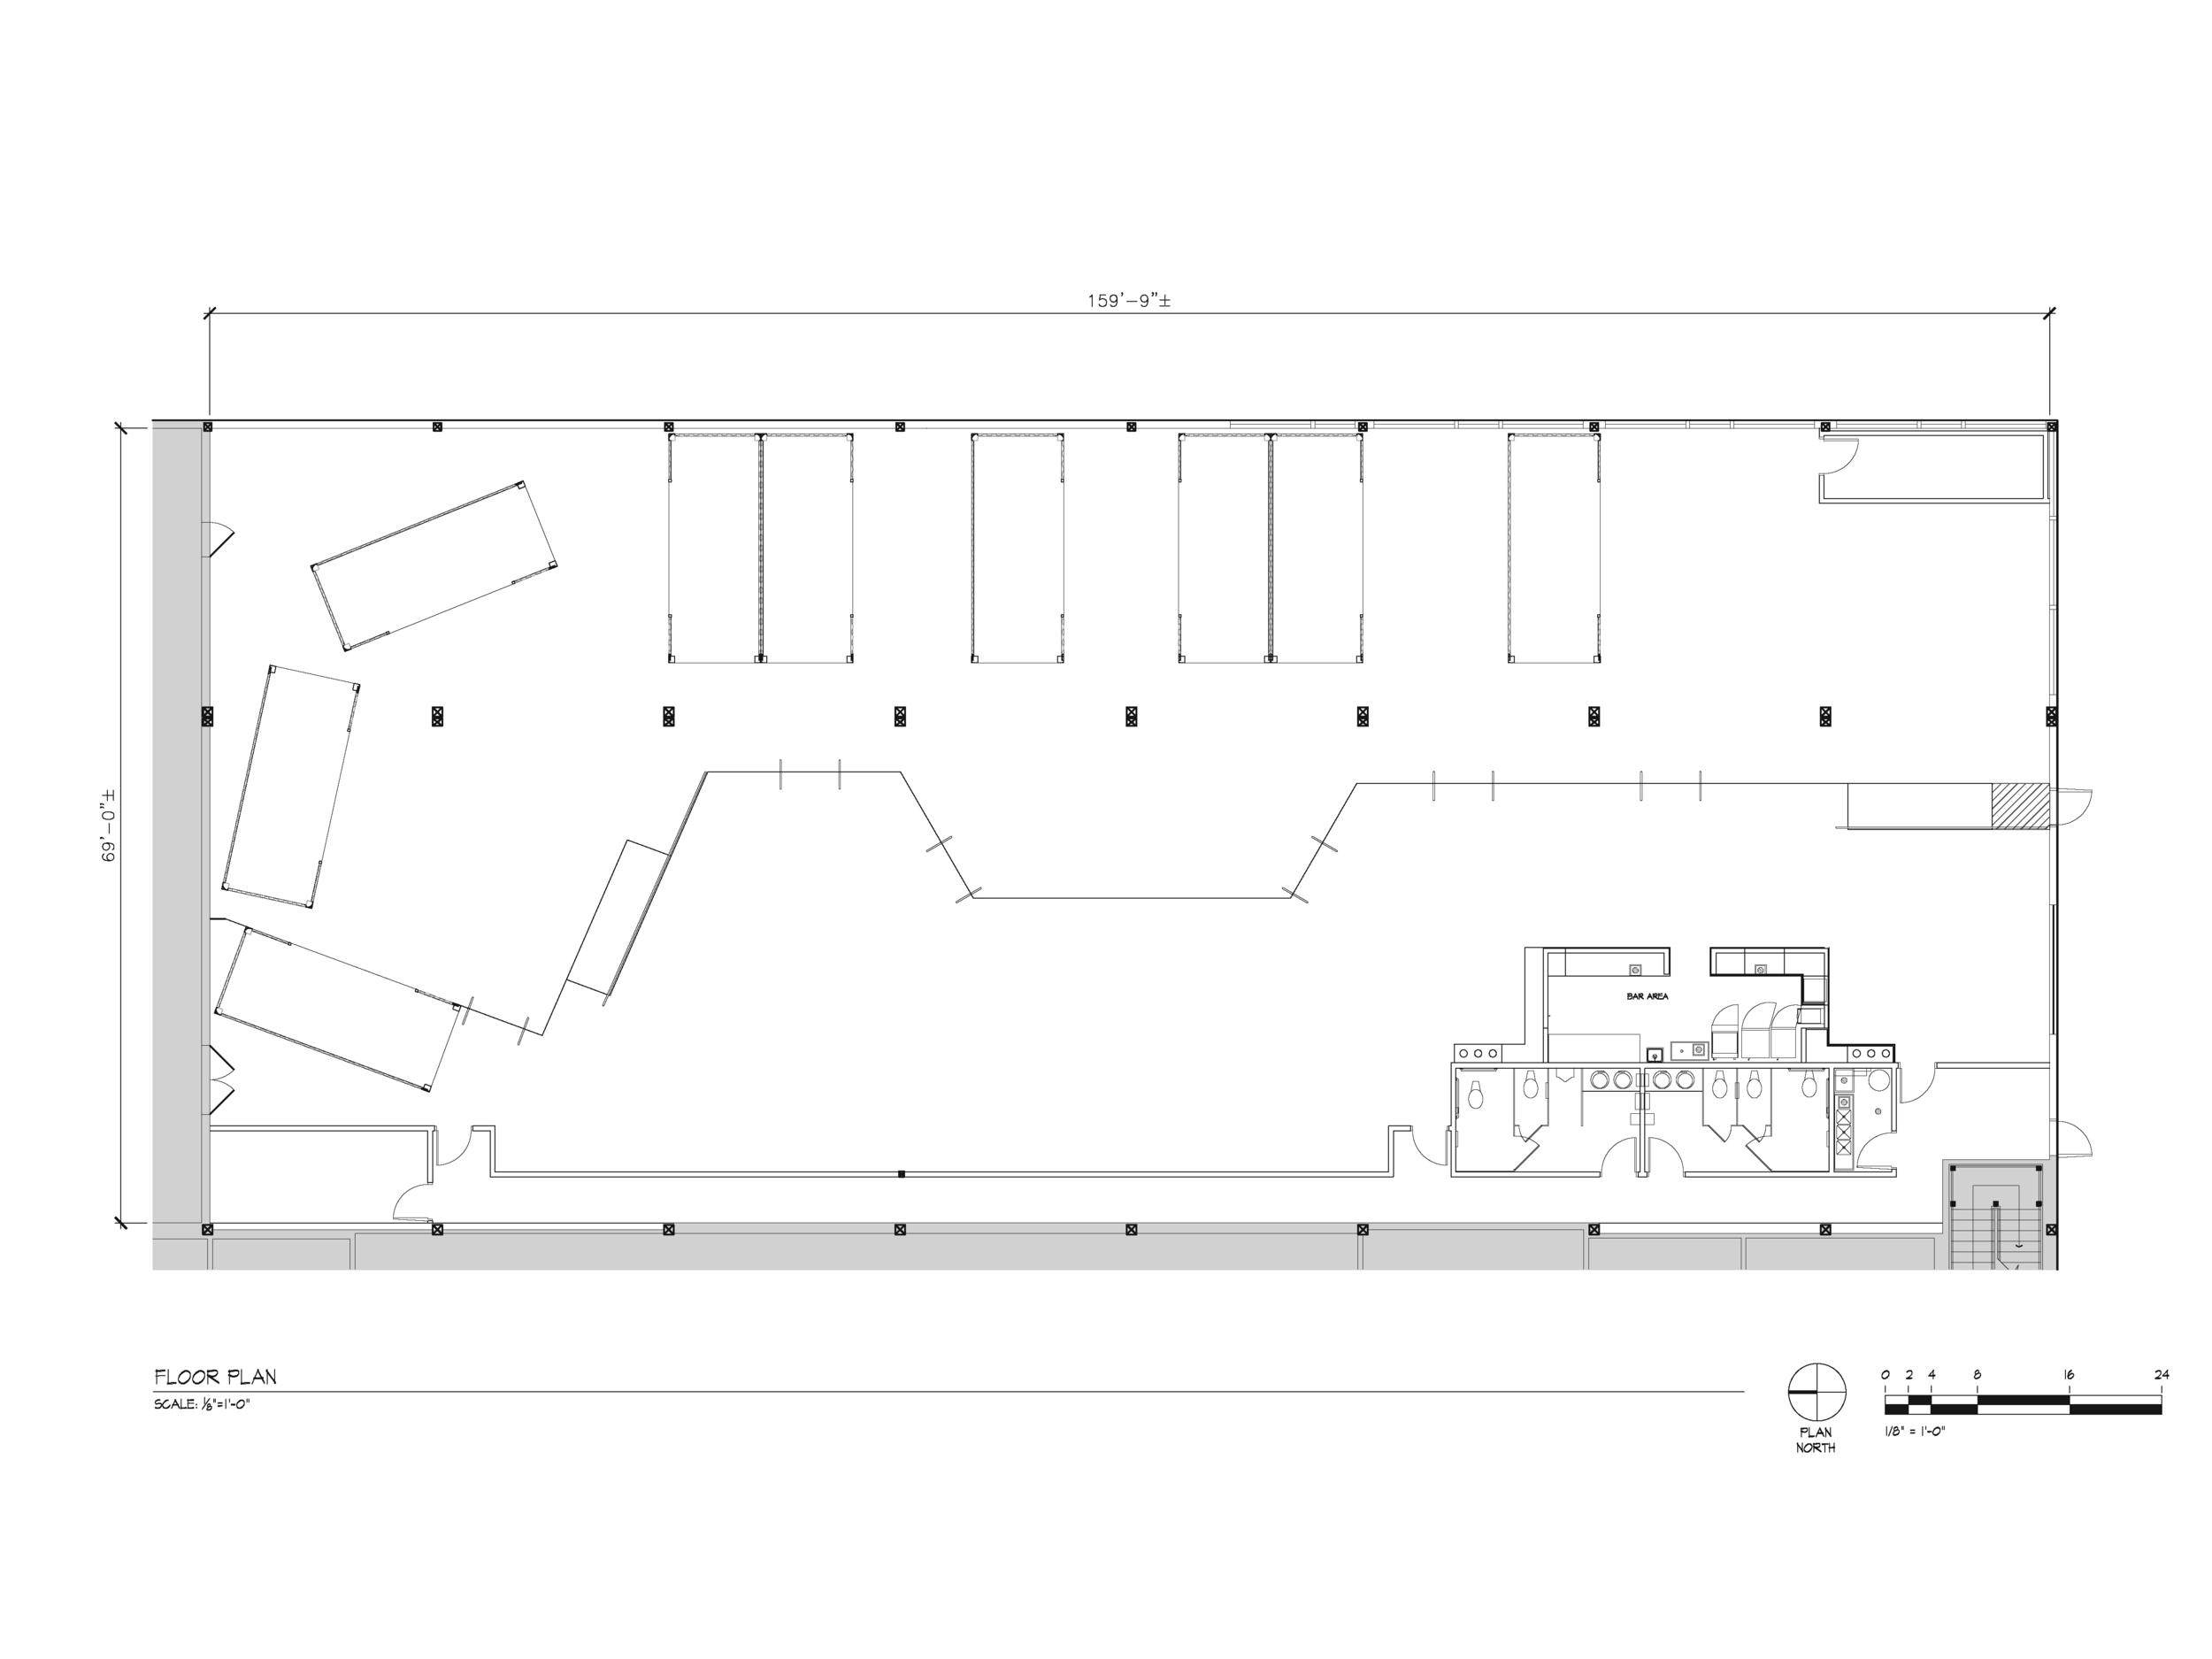 Colorbloq Floor Plan DWG Original no DIM.png